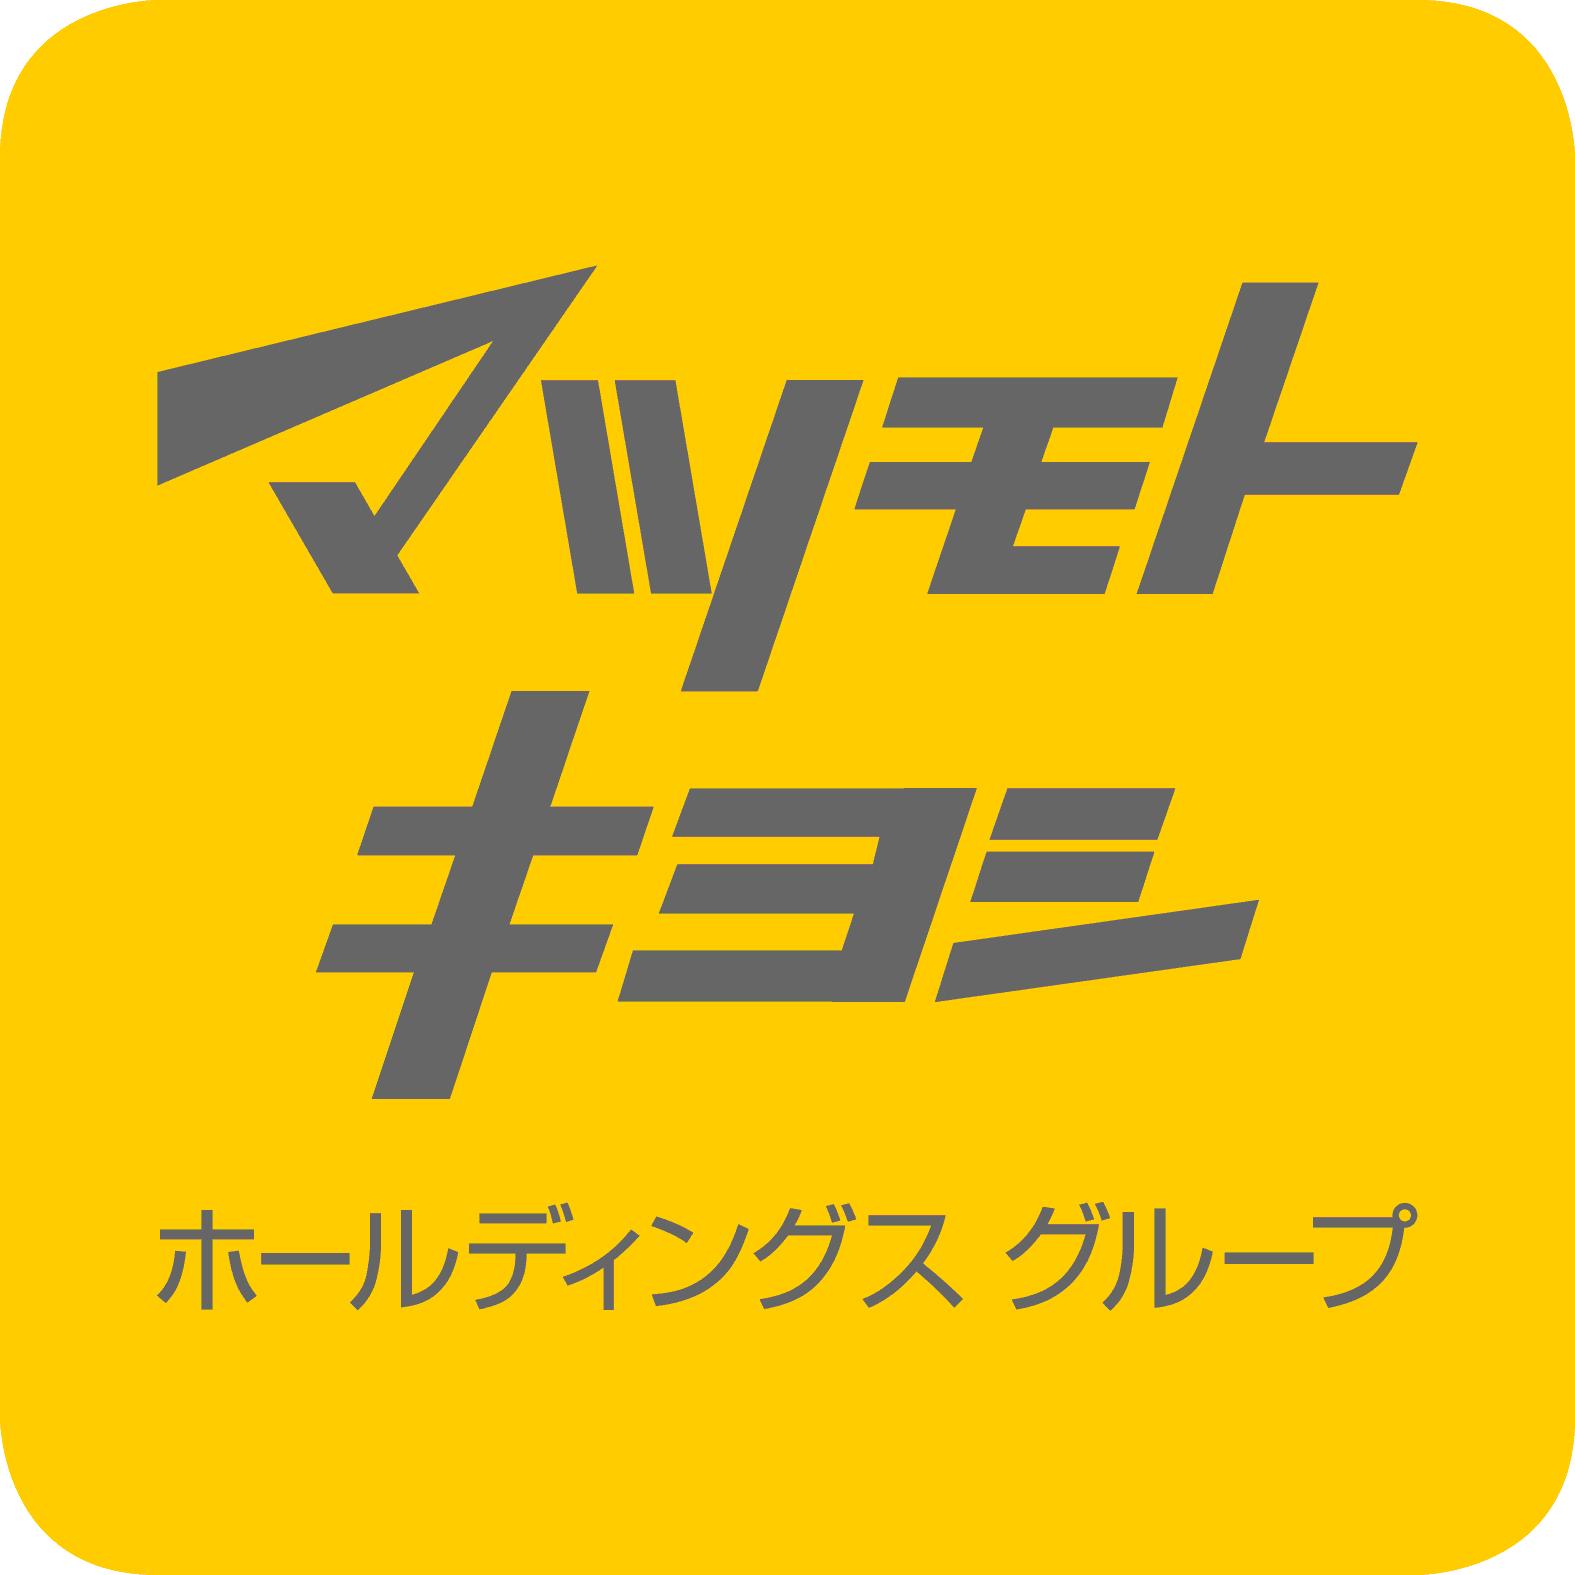 株式会社マツモトキヨシ